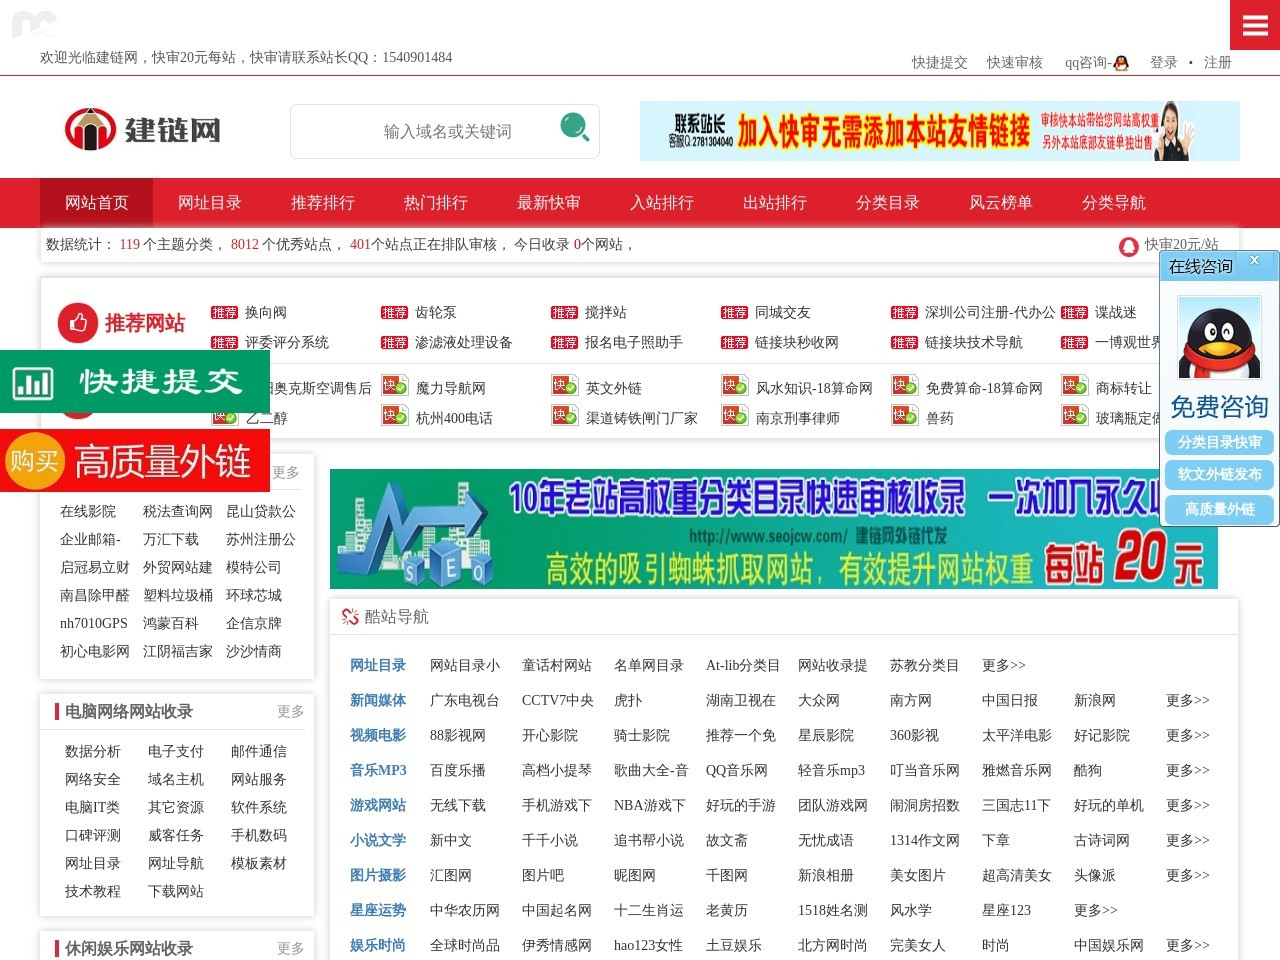 建链网中文网站收录截图